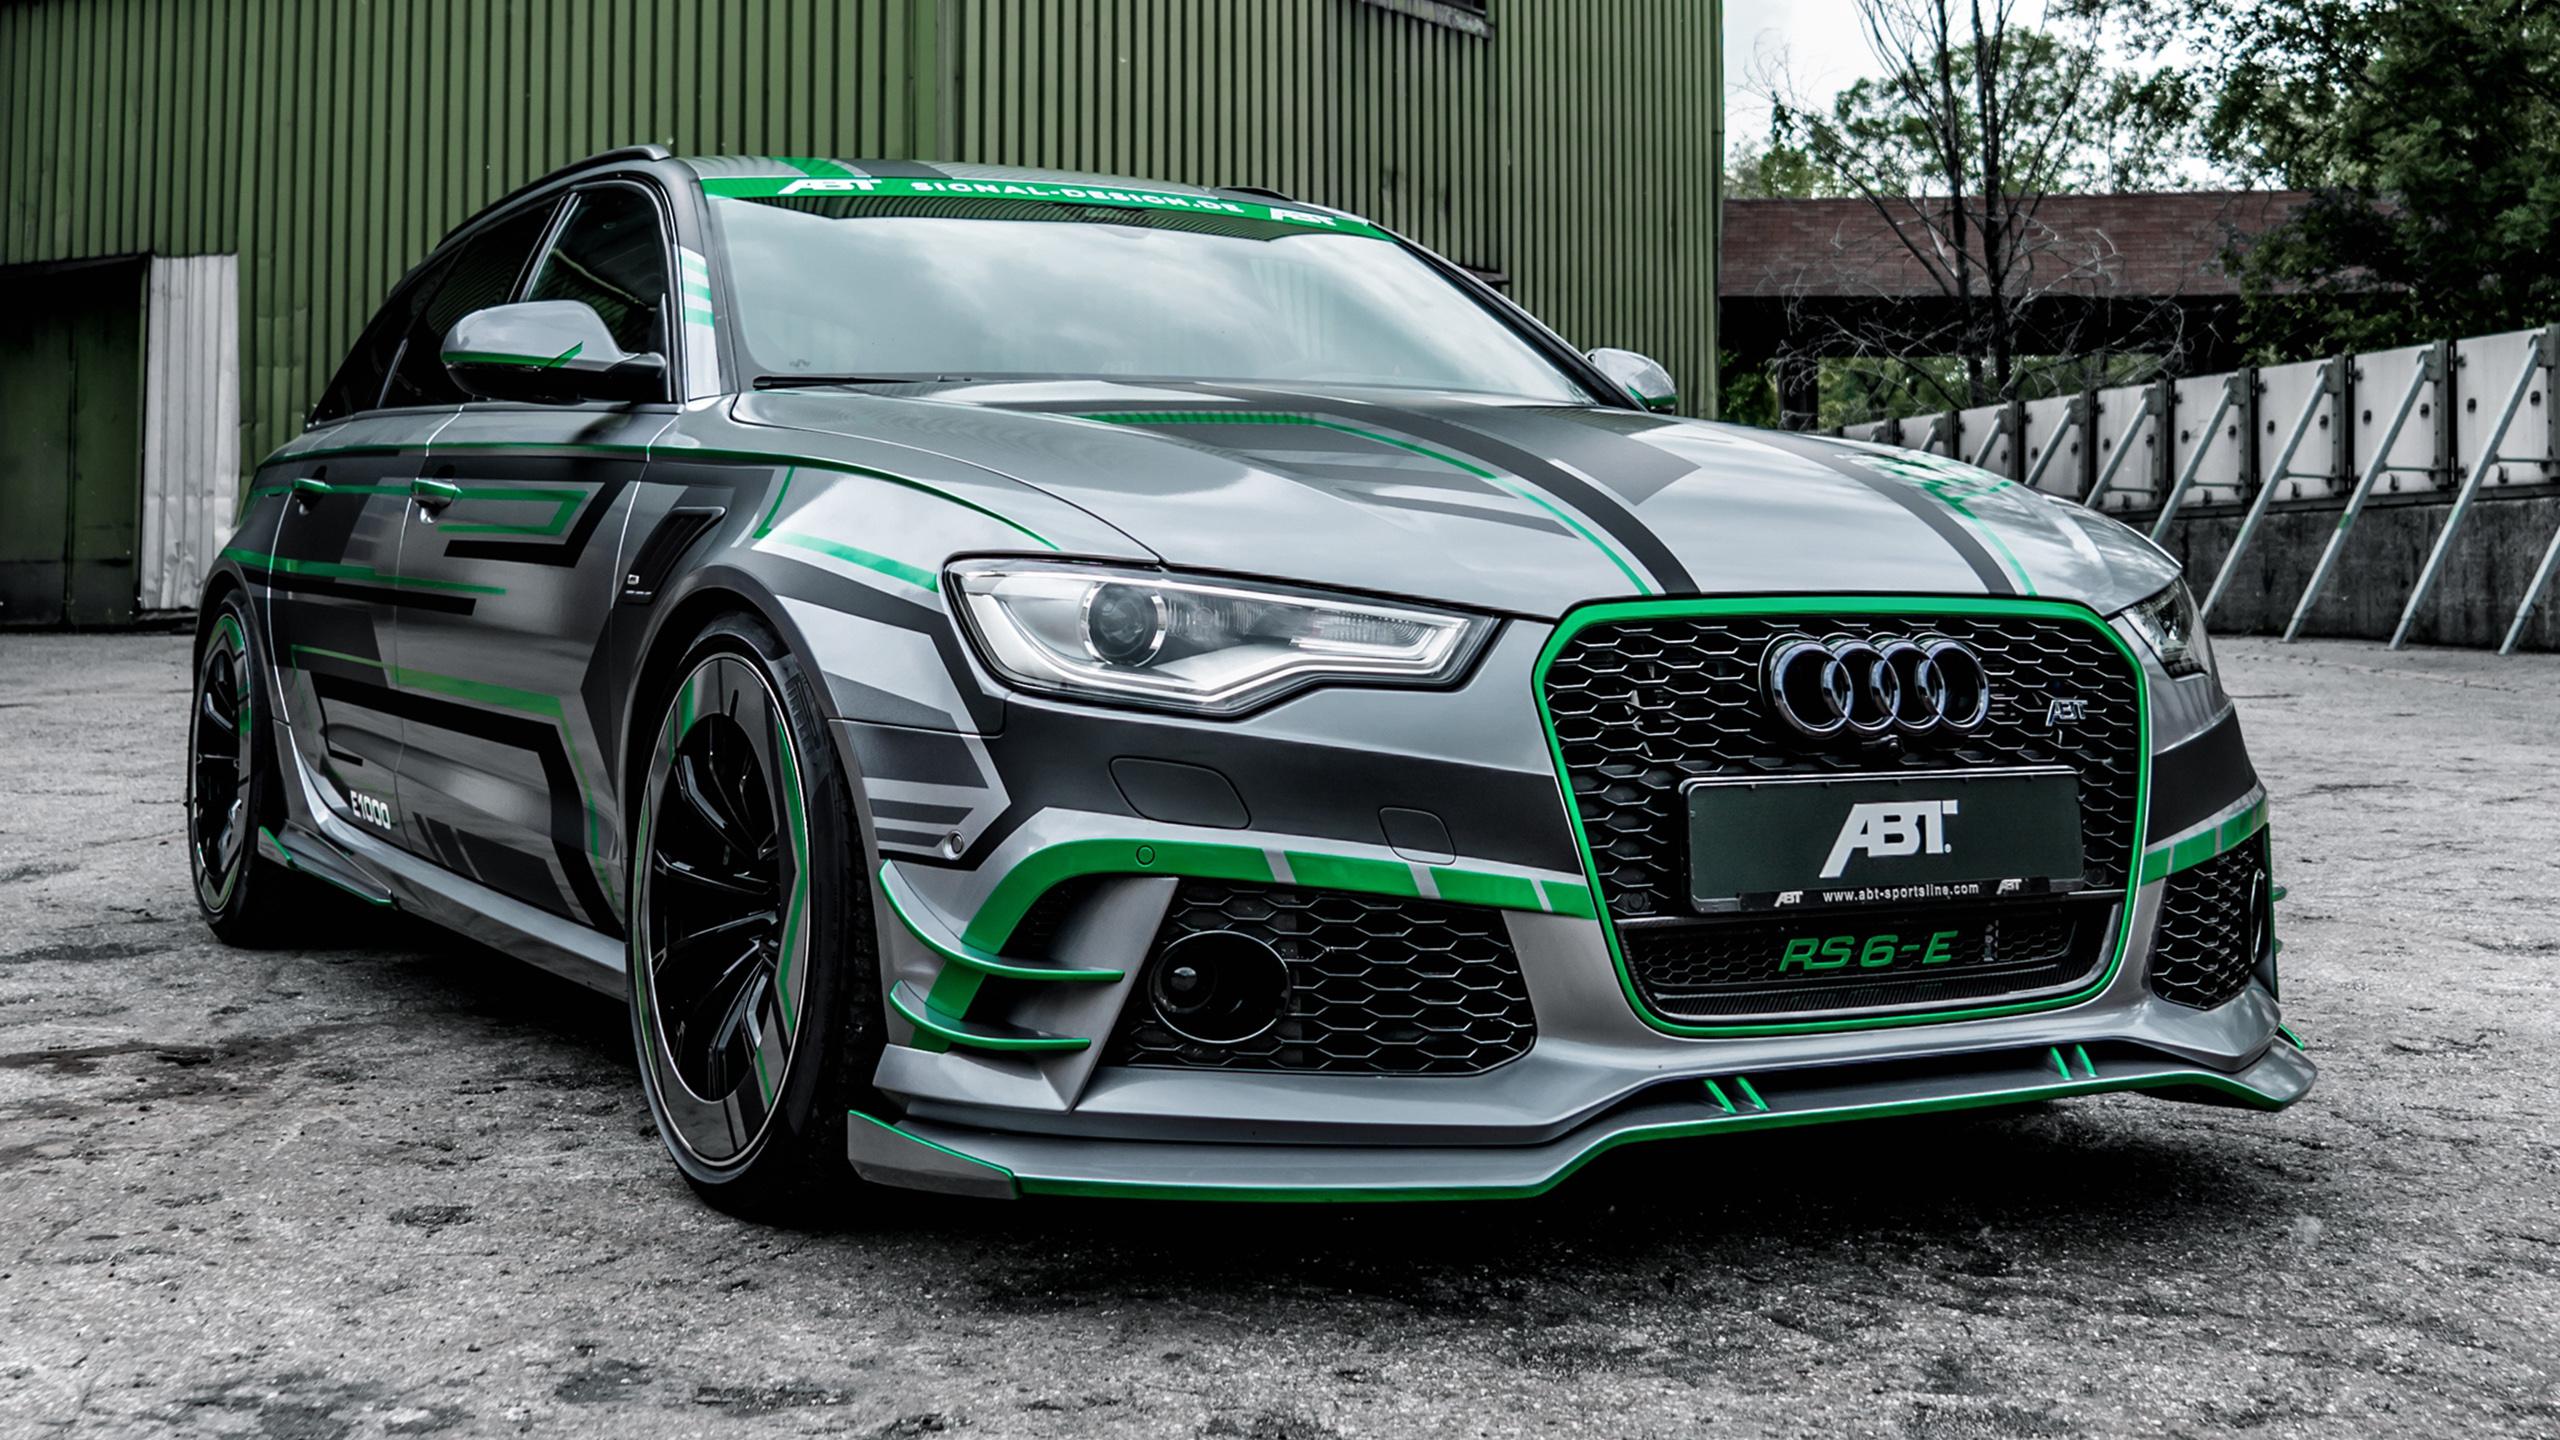 Abt Audi Rs 6 E Avant Concept 2018 4k 2 Wallpaper Hd Car Wallpapers Id 10820